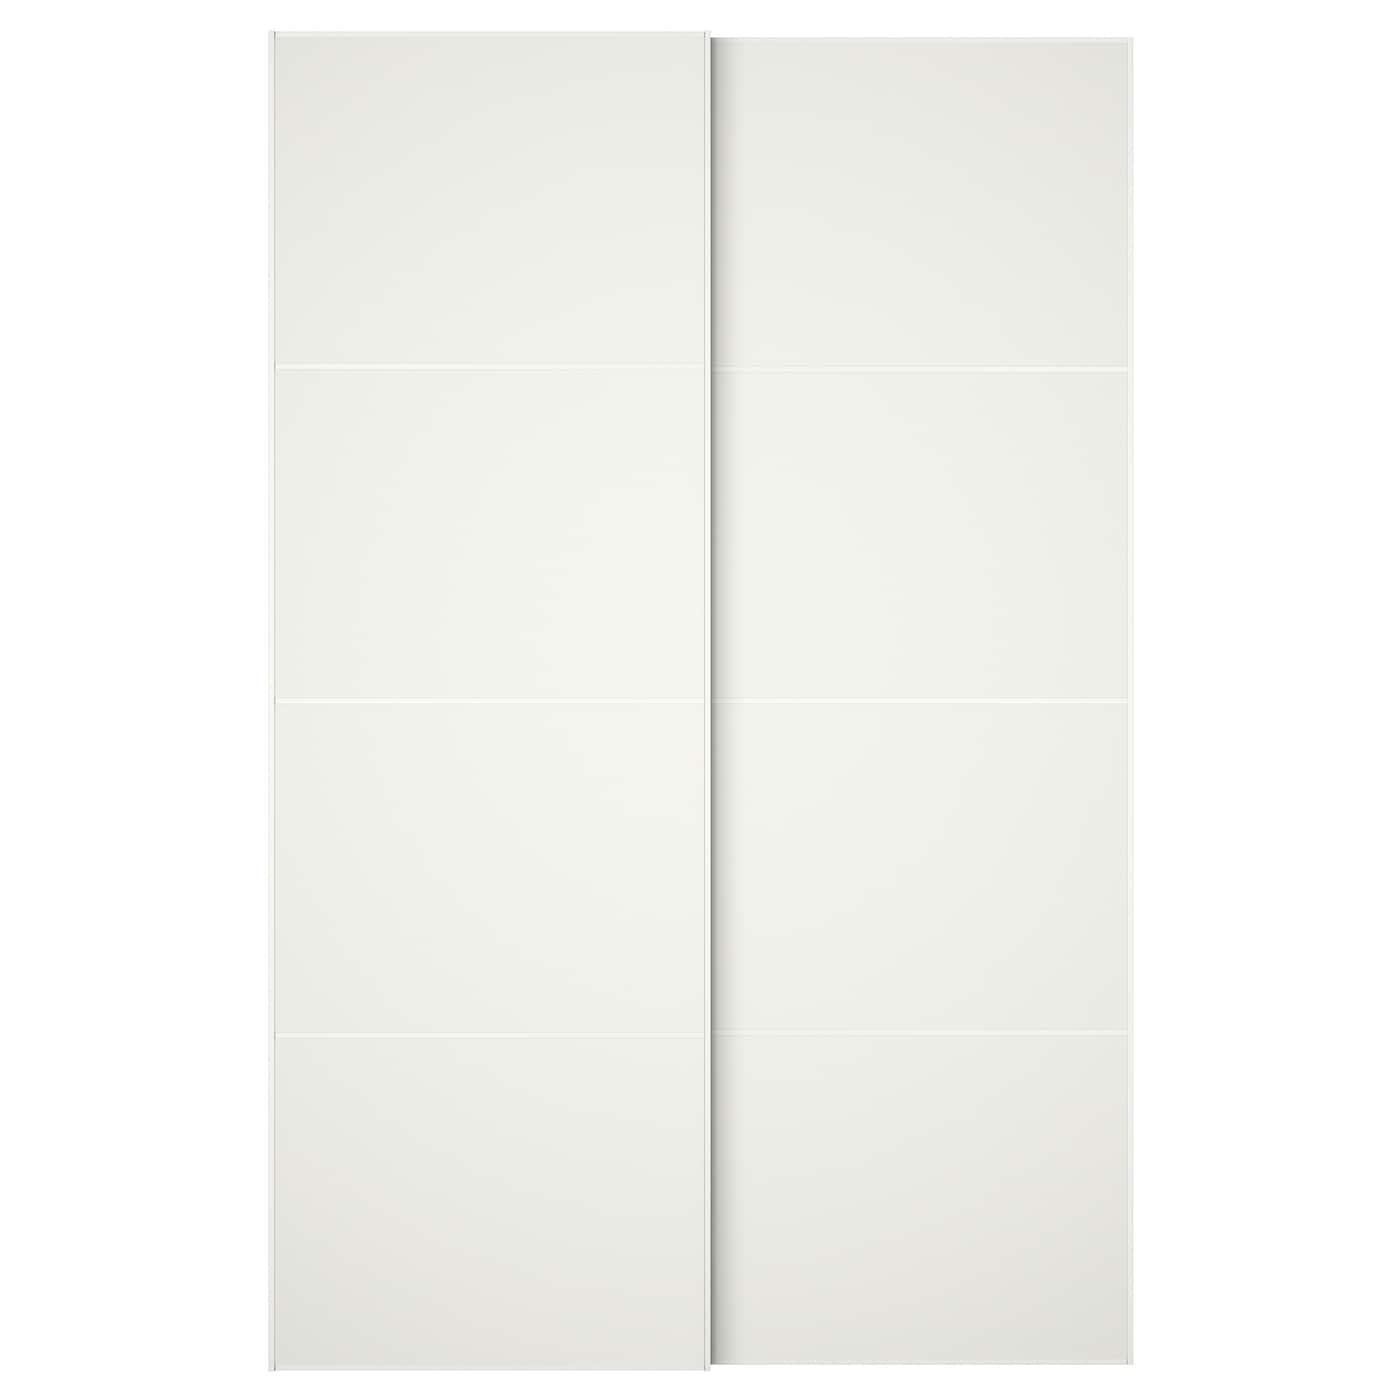 mehamn schuifdeur, set van 2 wit 150x236 cm - ikea